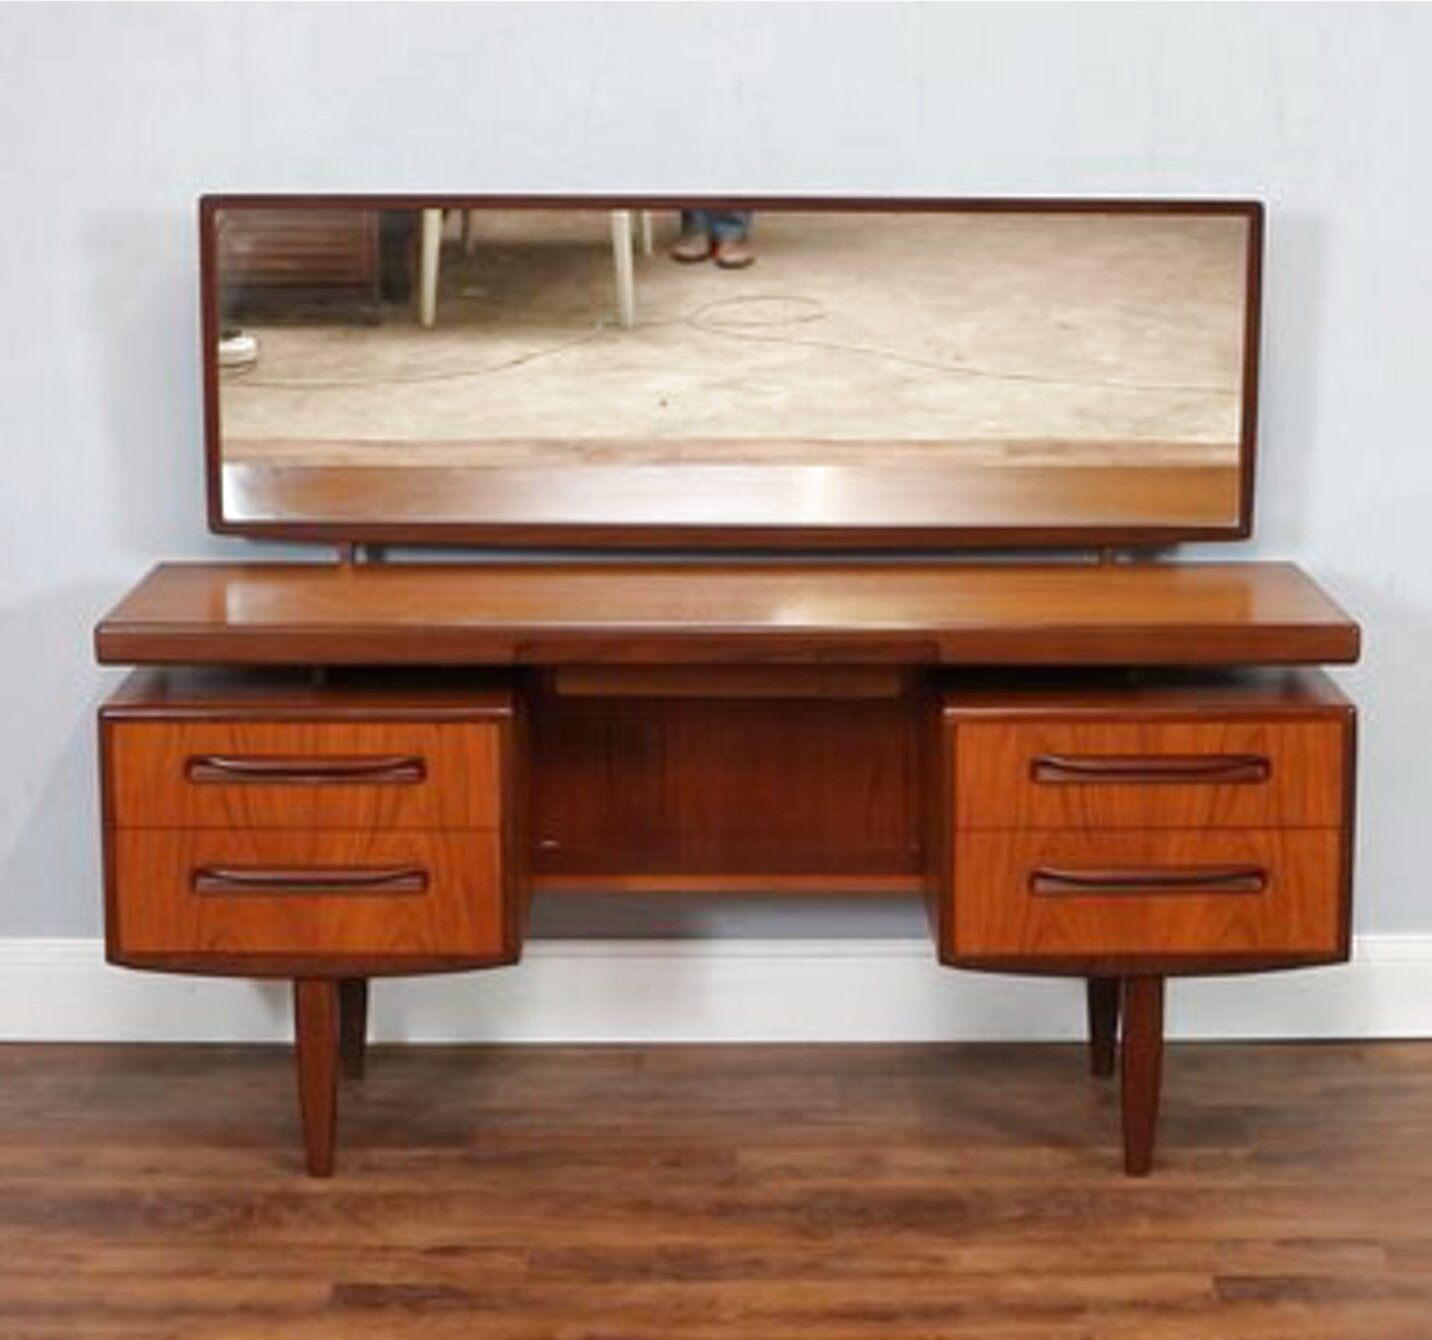 g plan desk for sale